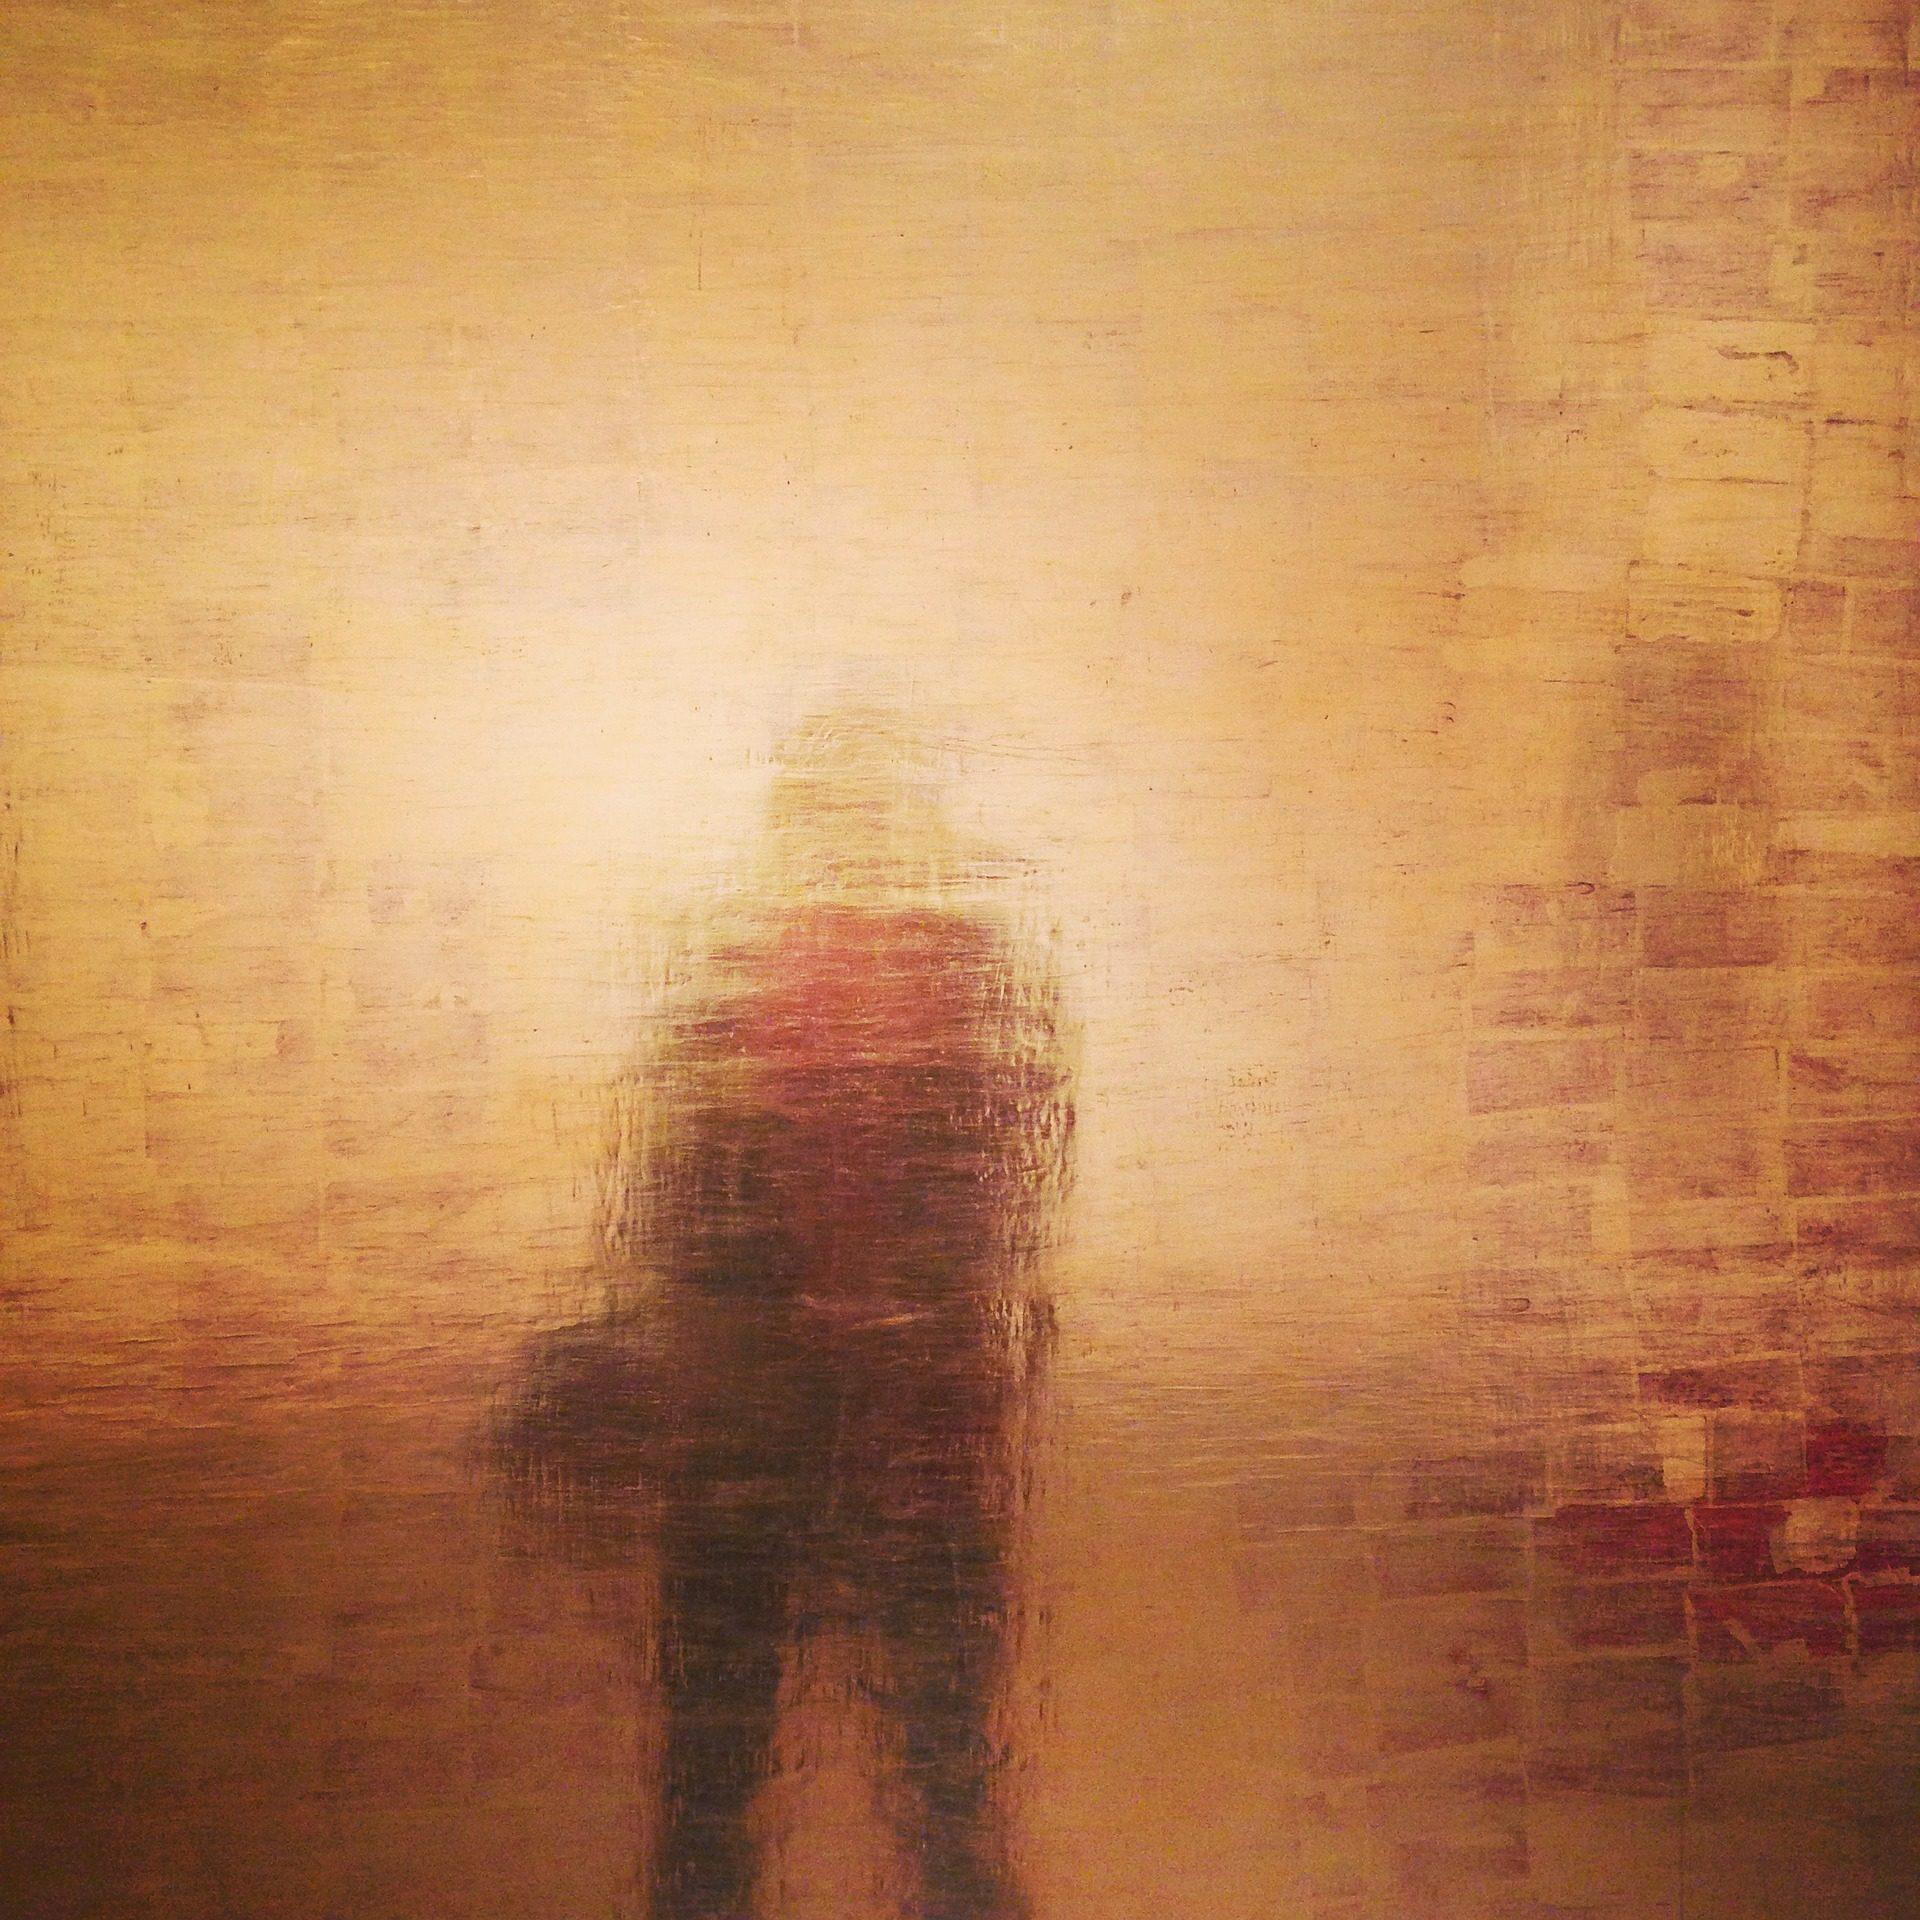 reflexão, Silhueta, pessoa, metálico, Dorado, 1704011040